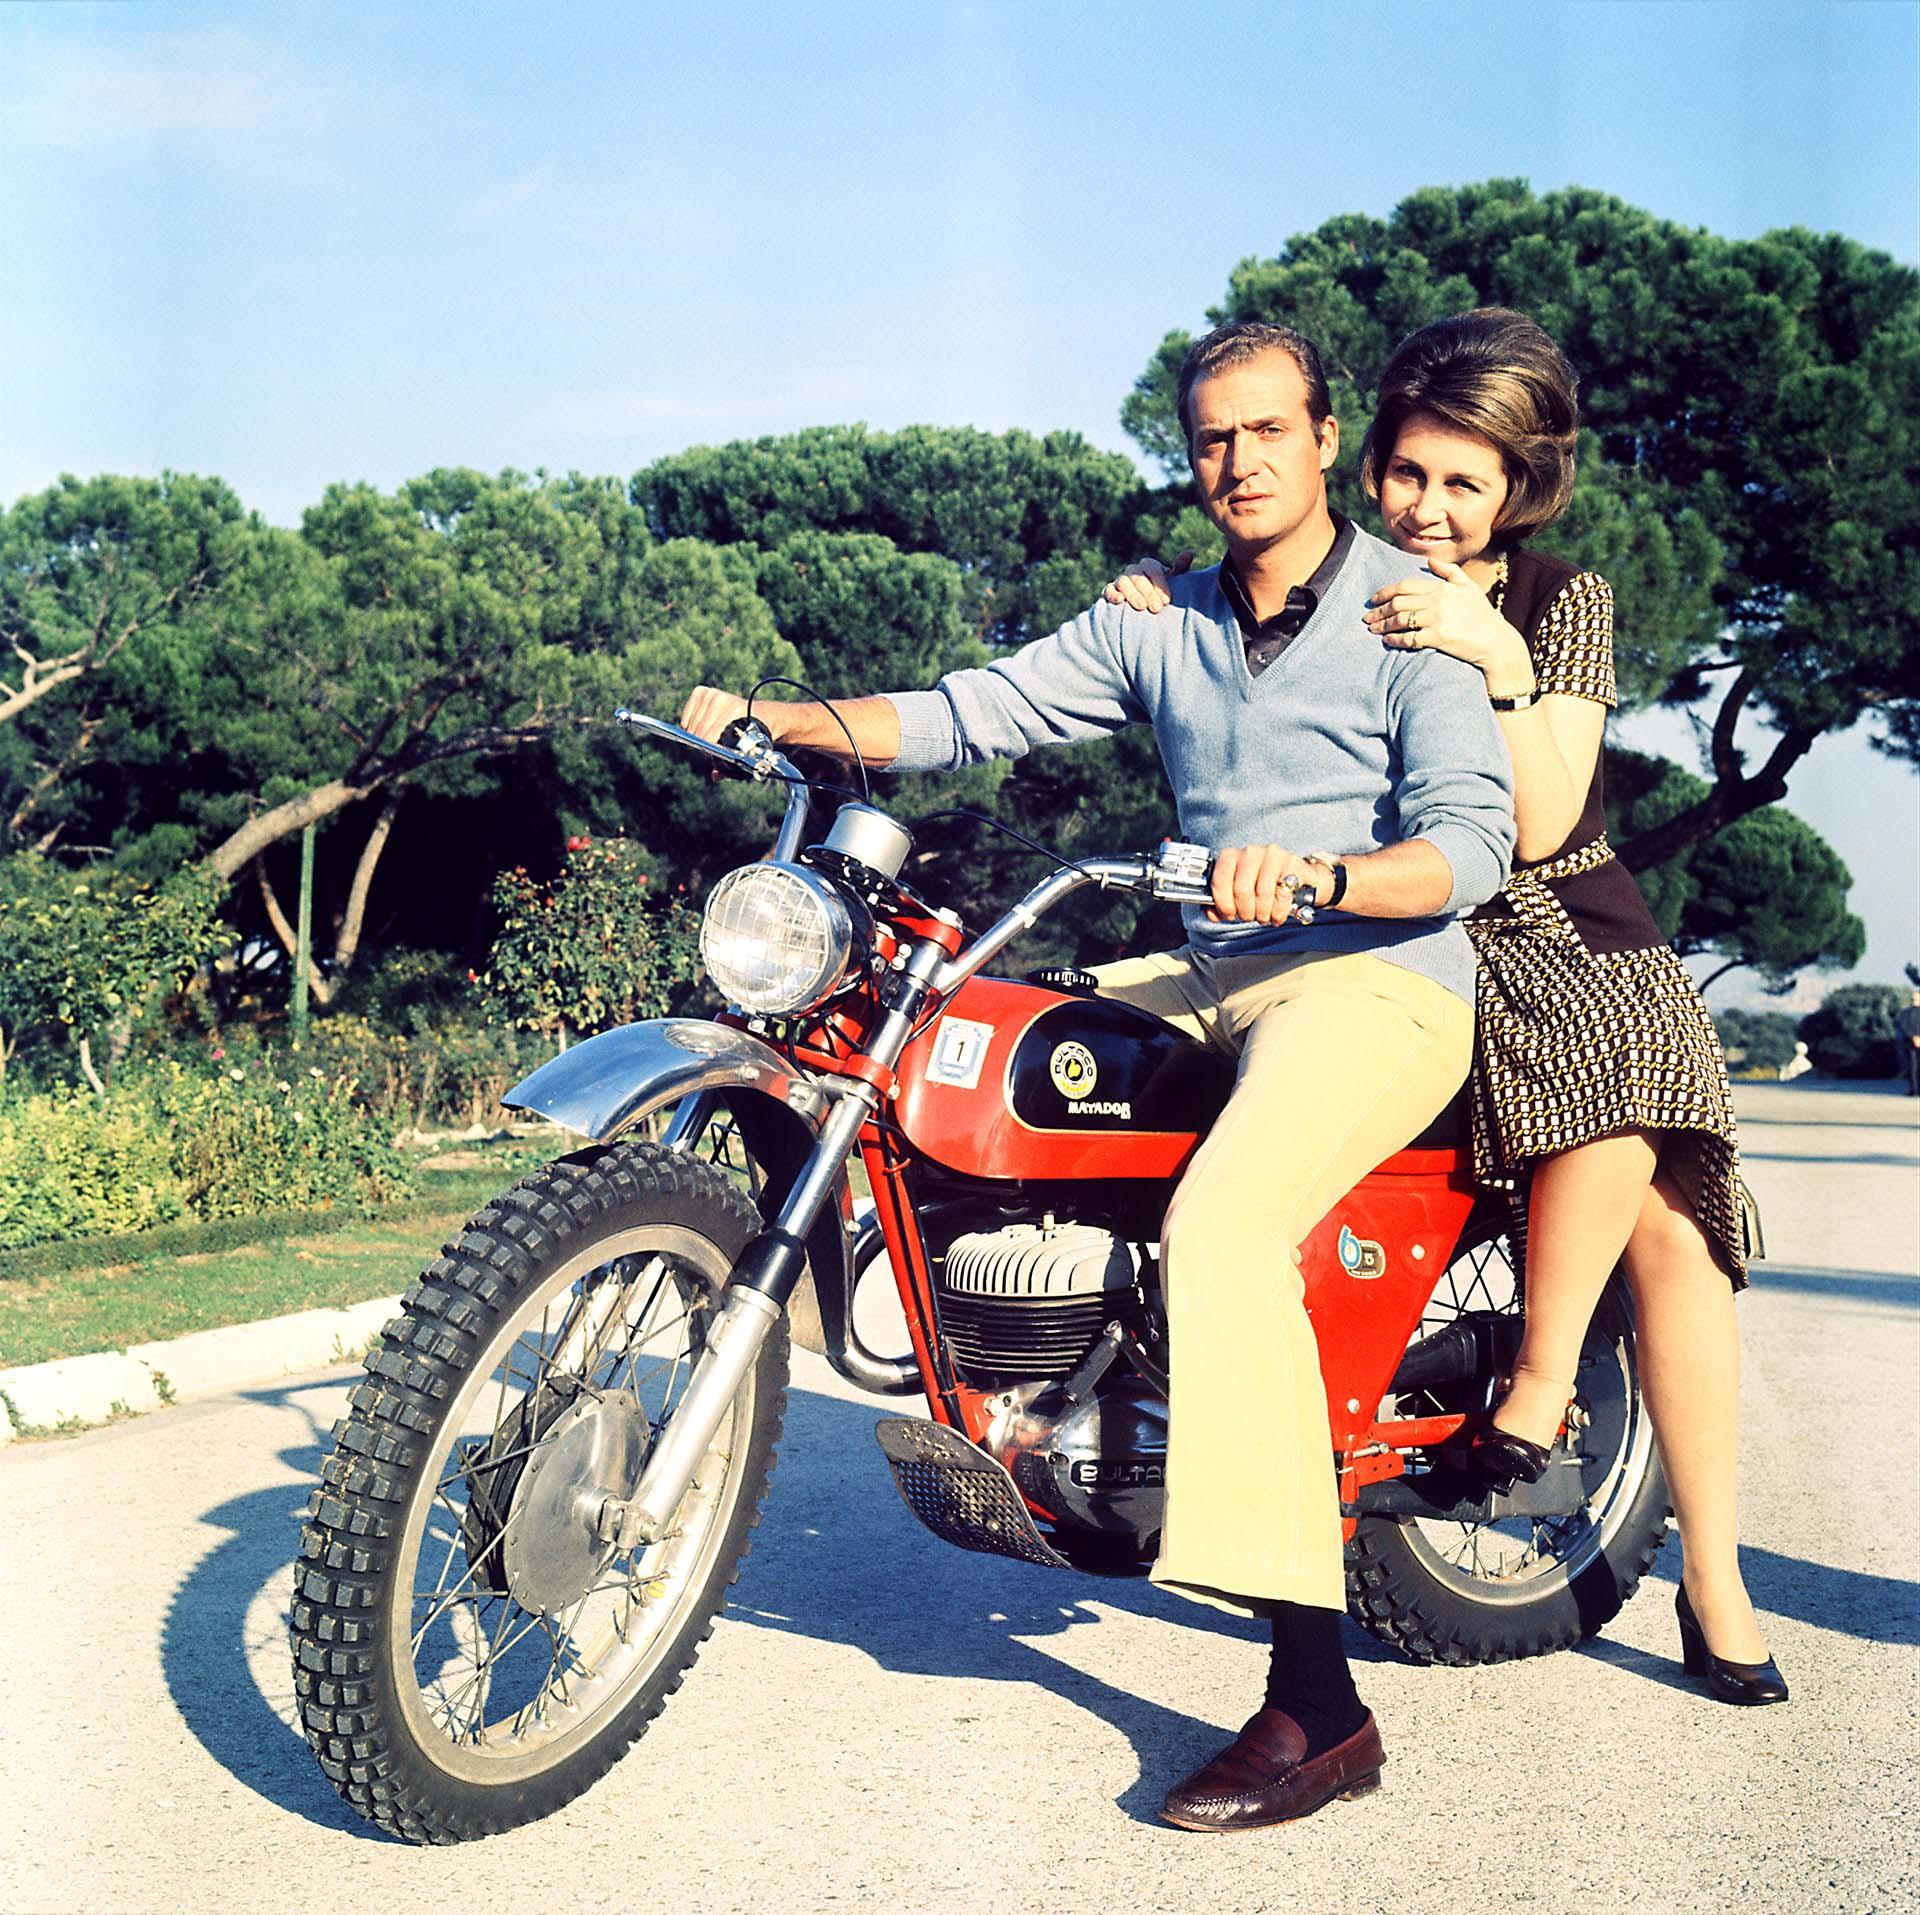 Juan Carlos aún como Príncipe con su esposa Sofía montando su moto en los terrenos del Palacio de la Zarzuela, Madrid, España. Todavía no había sido coronado rey (Shutterstock)